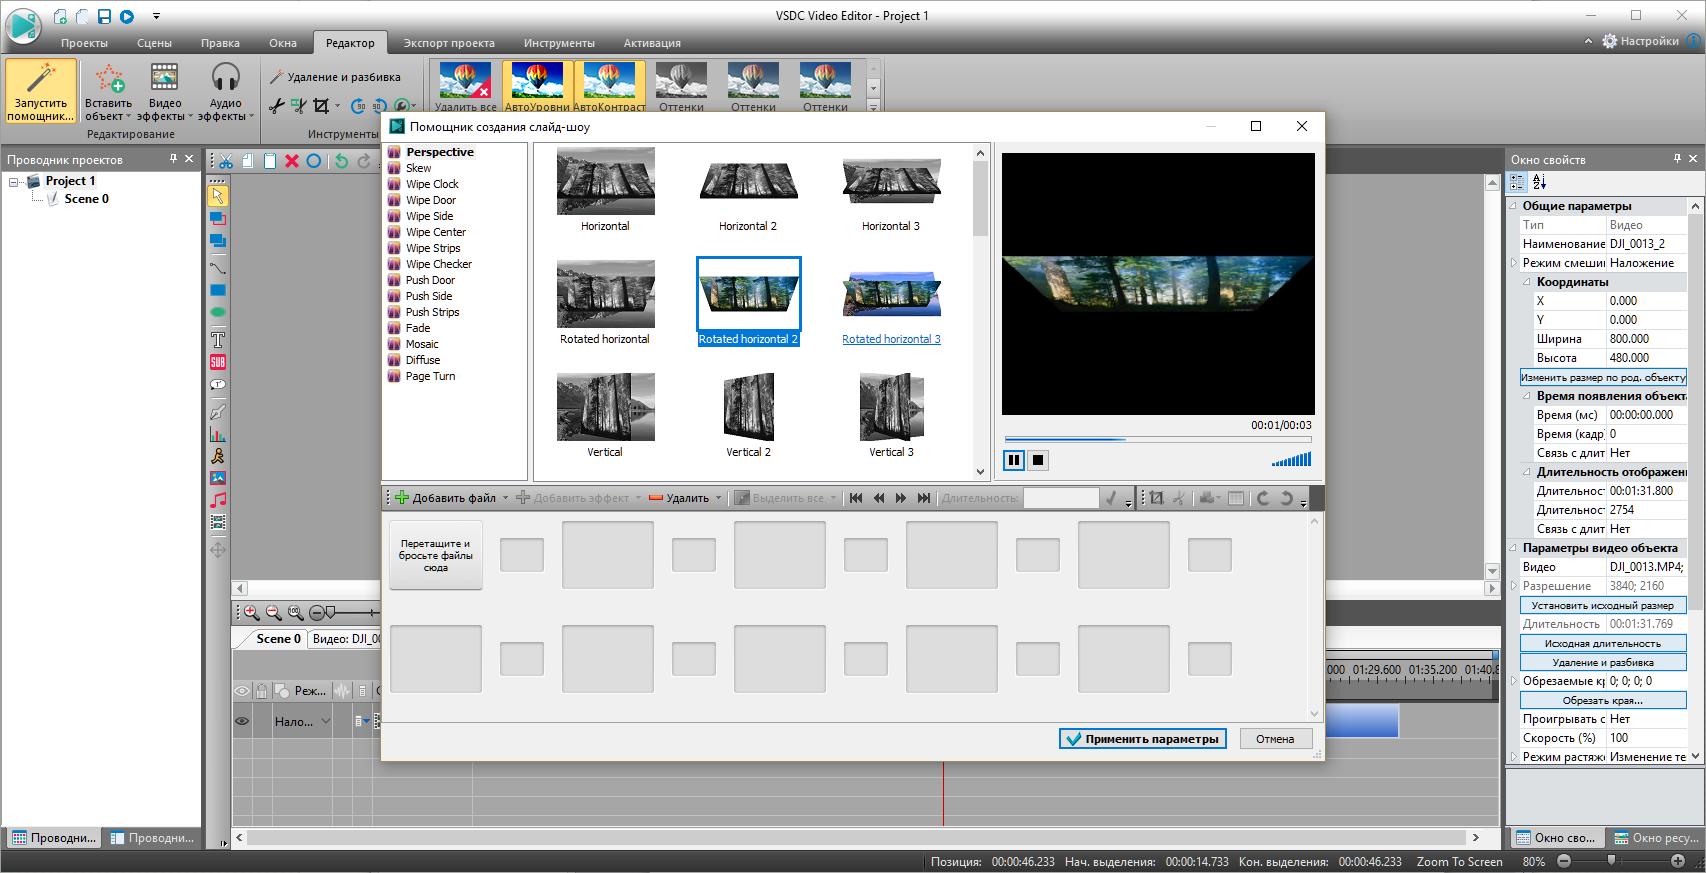 VSDC Free Video Editor скачать на русском бесплатно